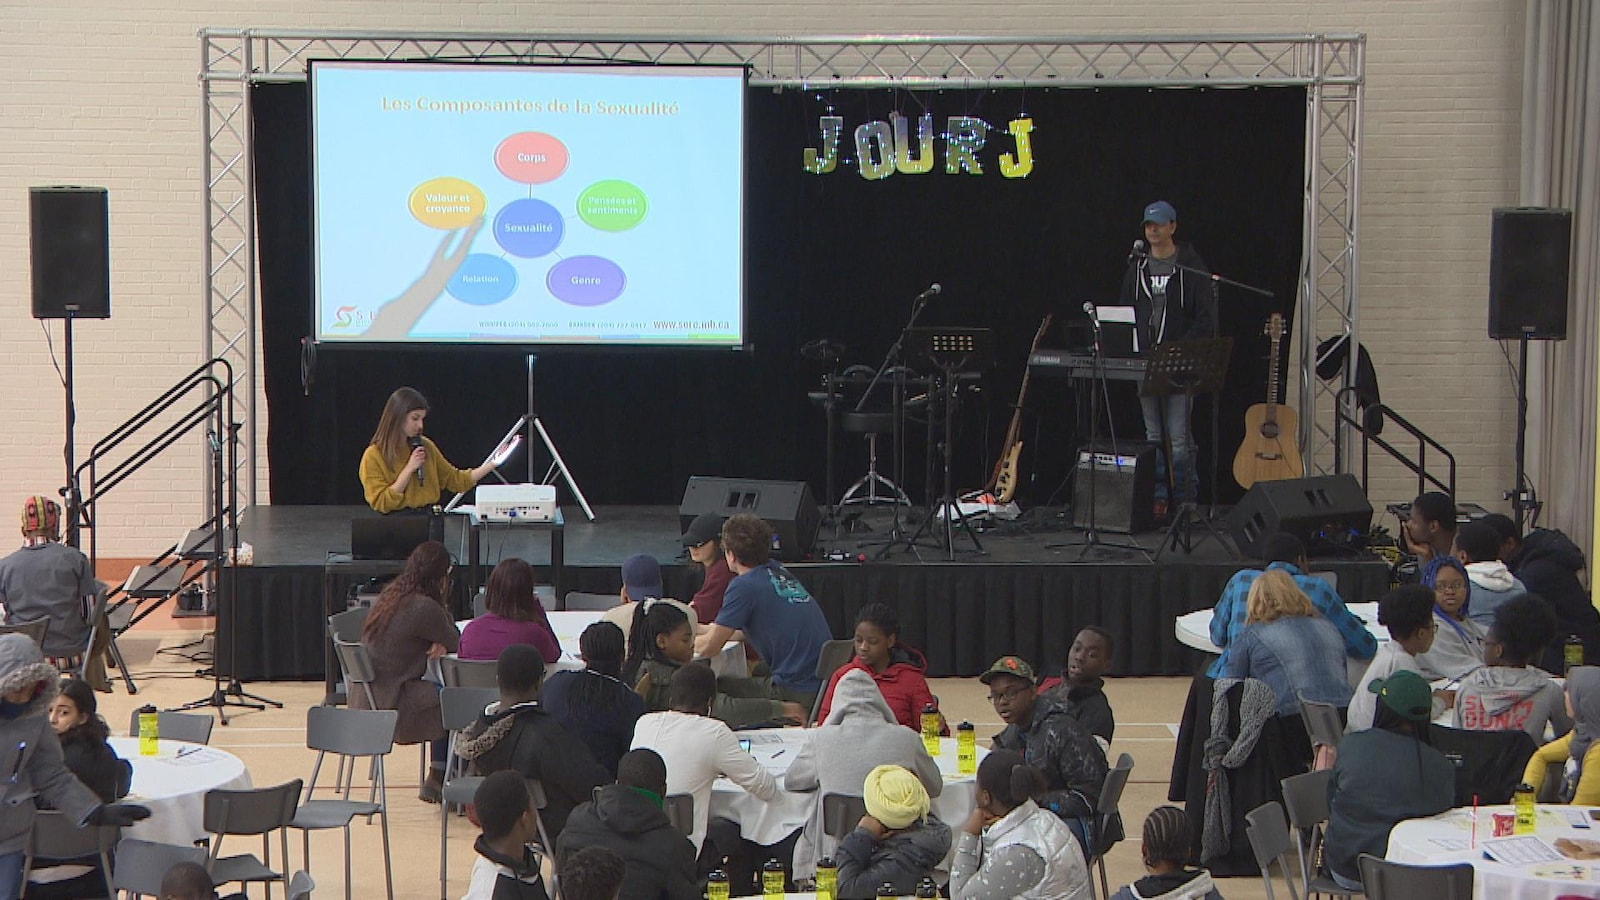 Des jeunes écoutent une personne parlant des différentes comparantes de la sexualité.